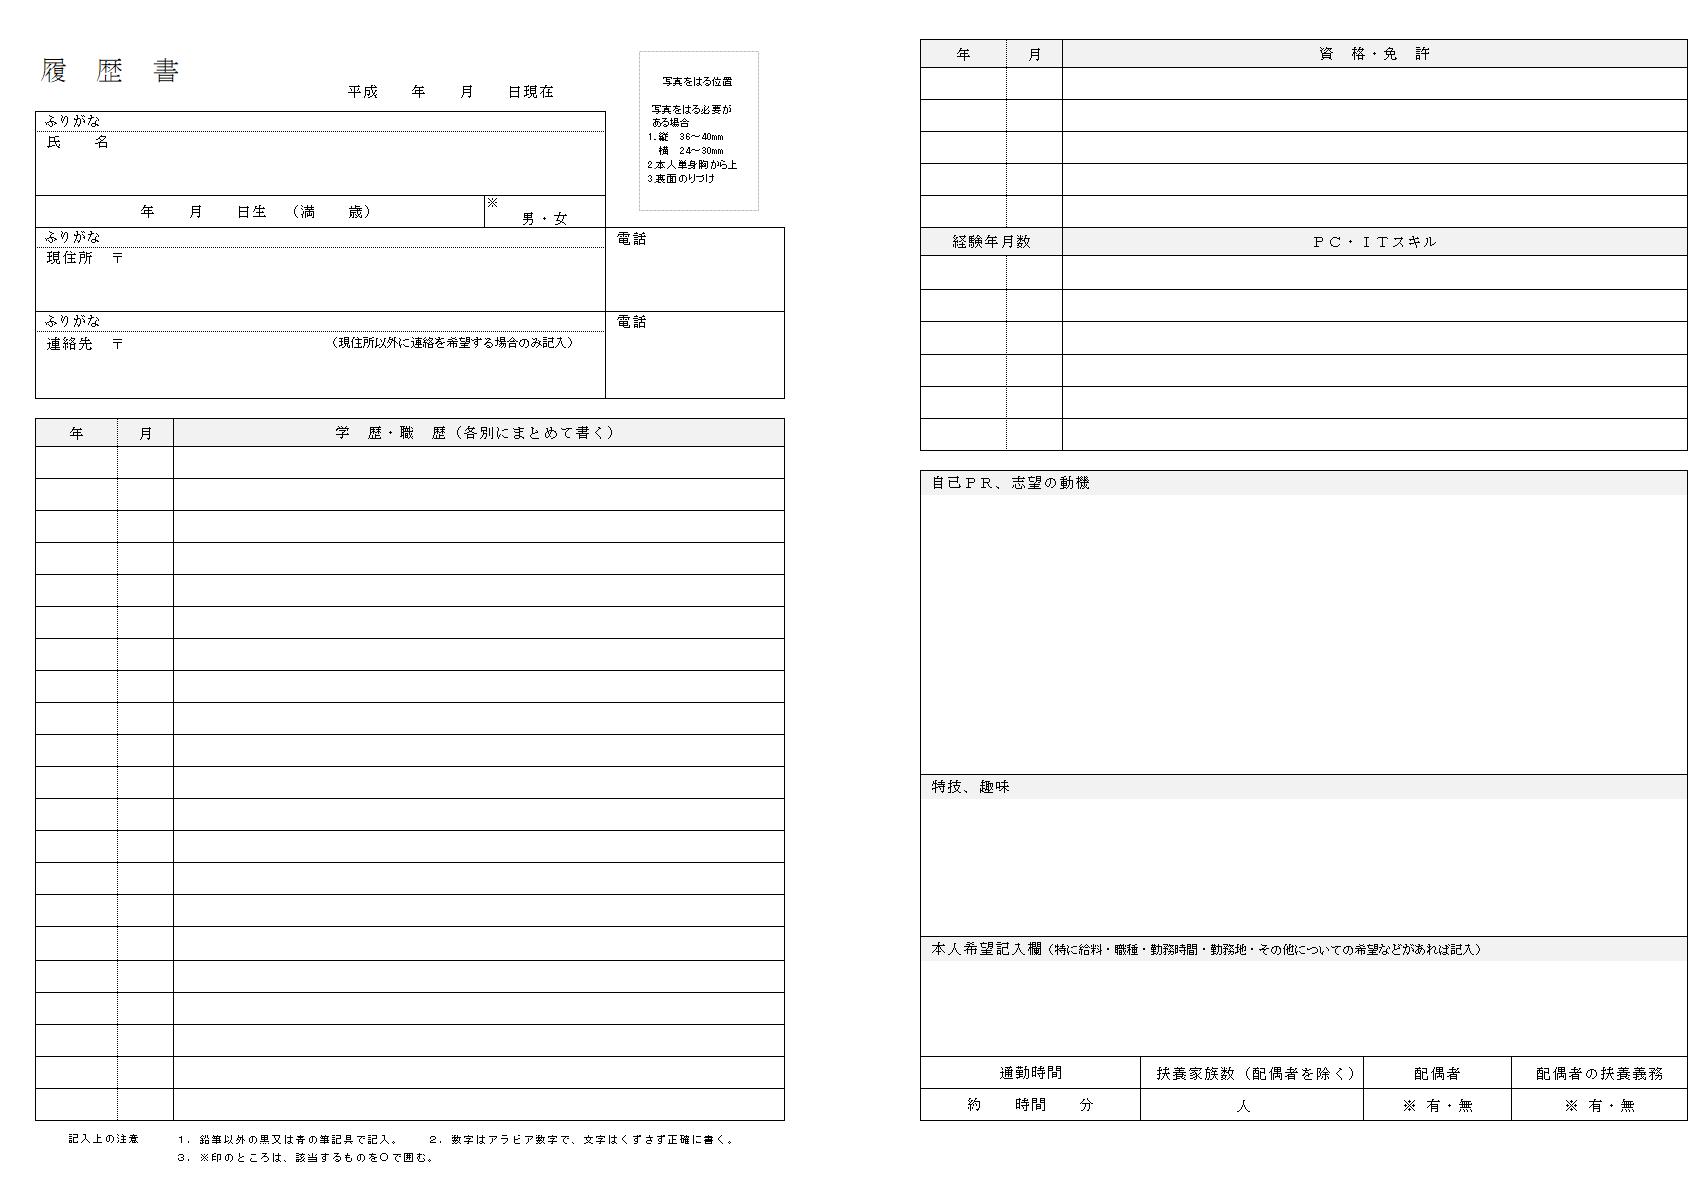 PCスキル欄を拡張した履歴書テンプレート